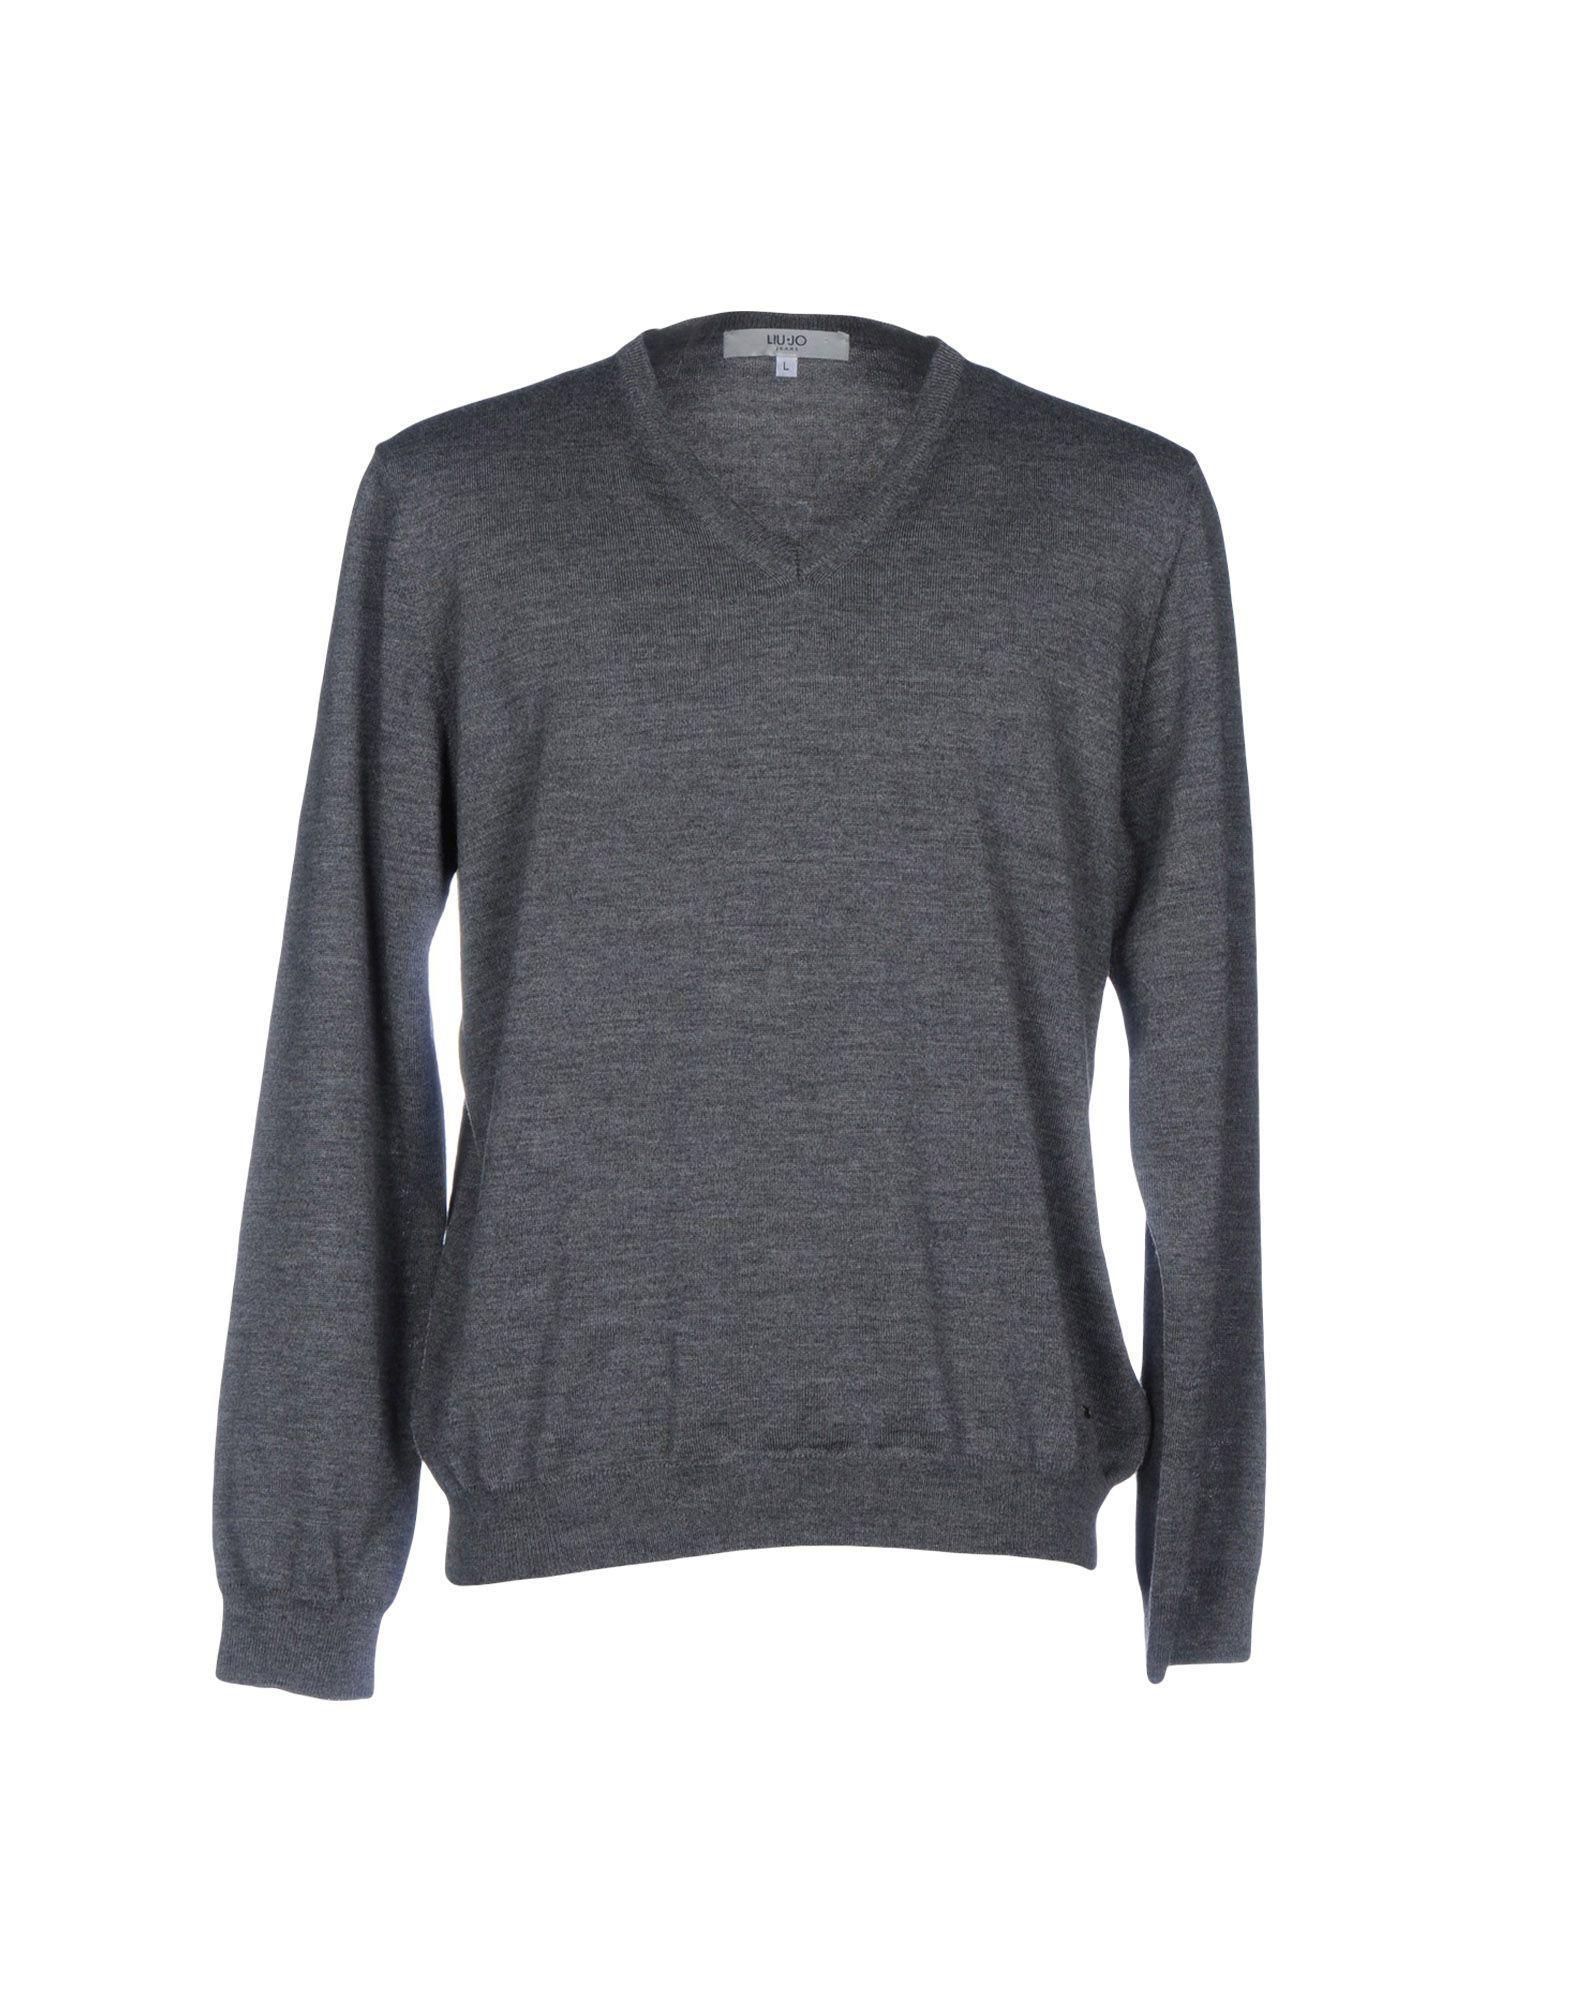 Liu •jo Sweater In Grey